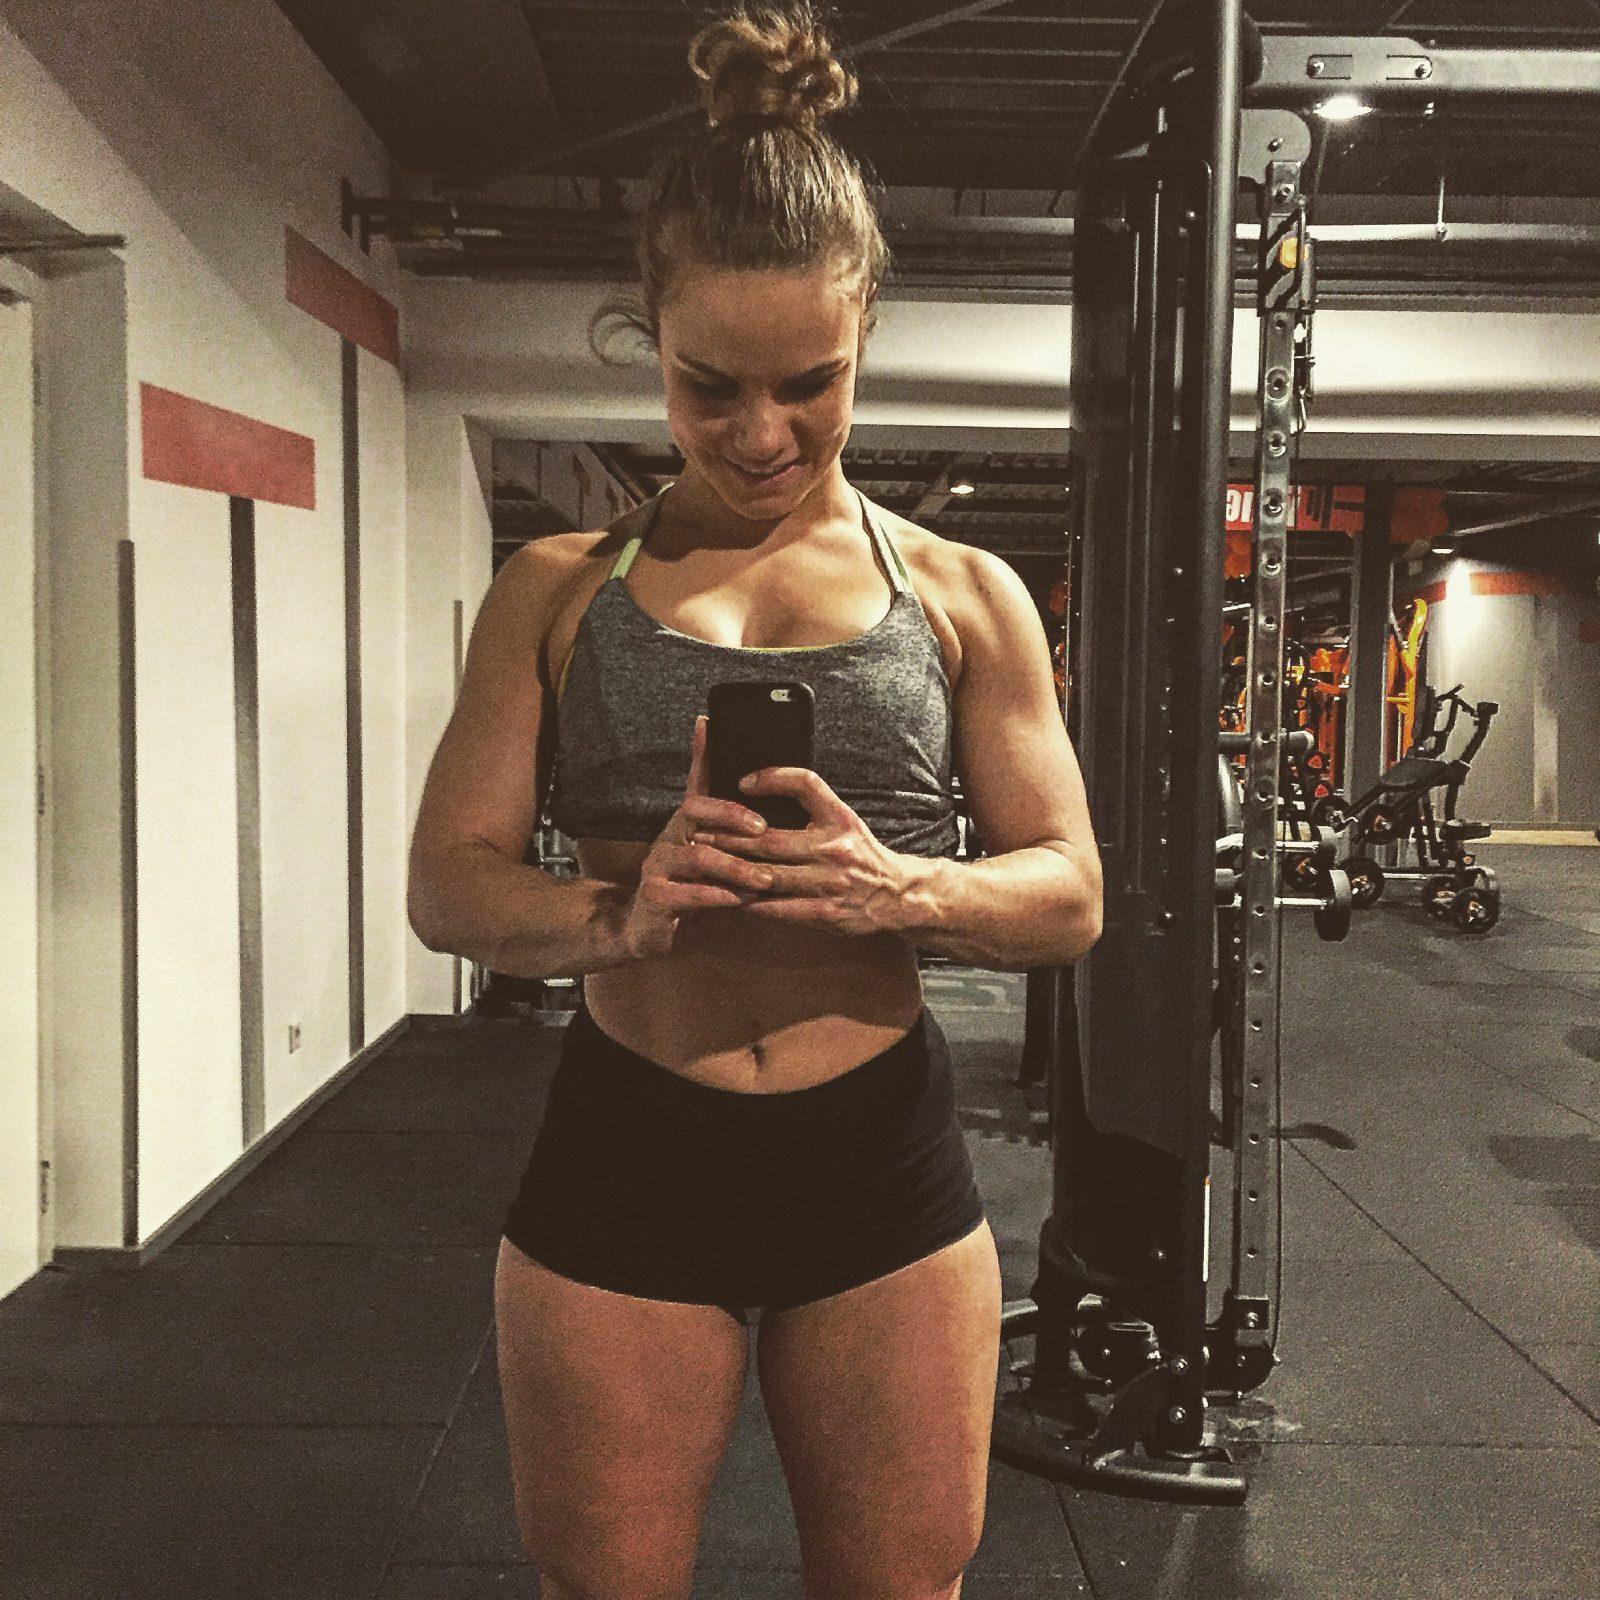 Esmeralda de mul - Bodybuildingkleding.com-4